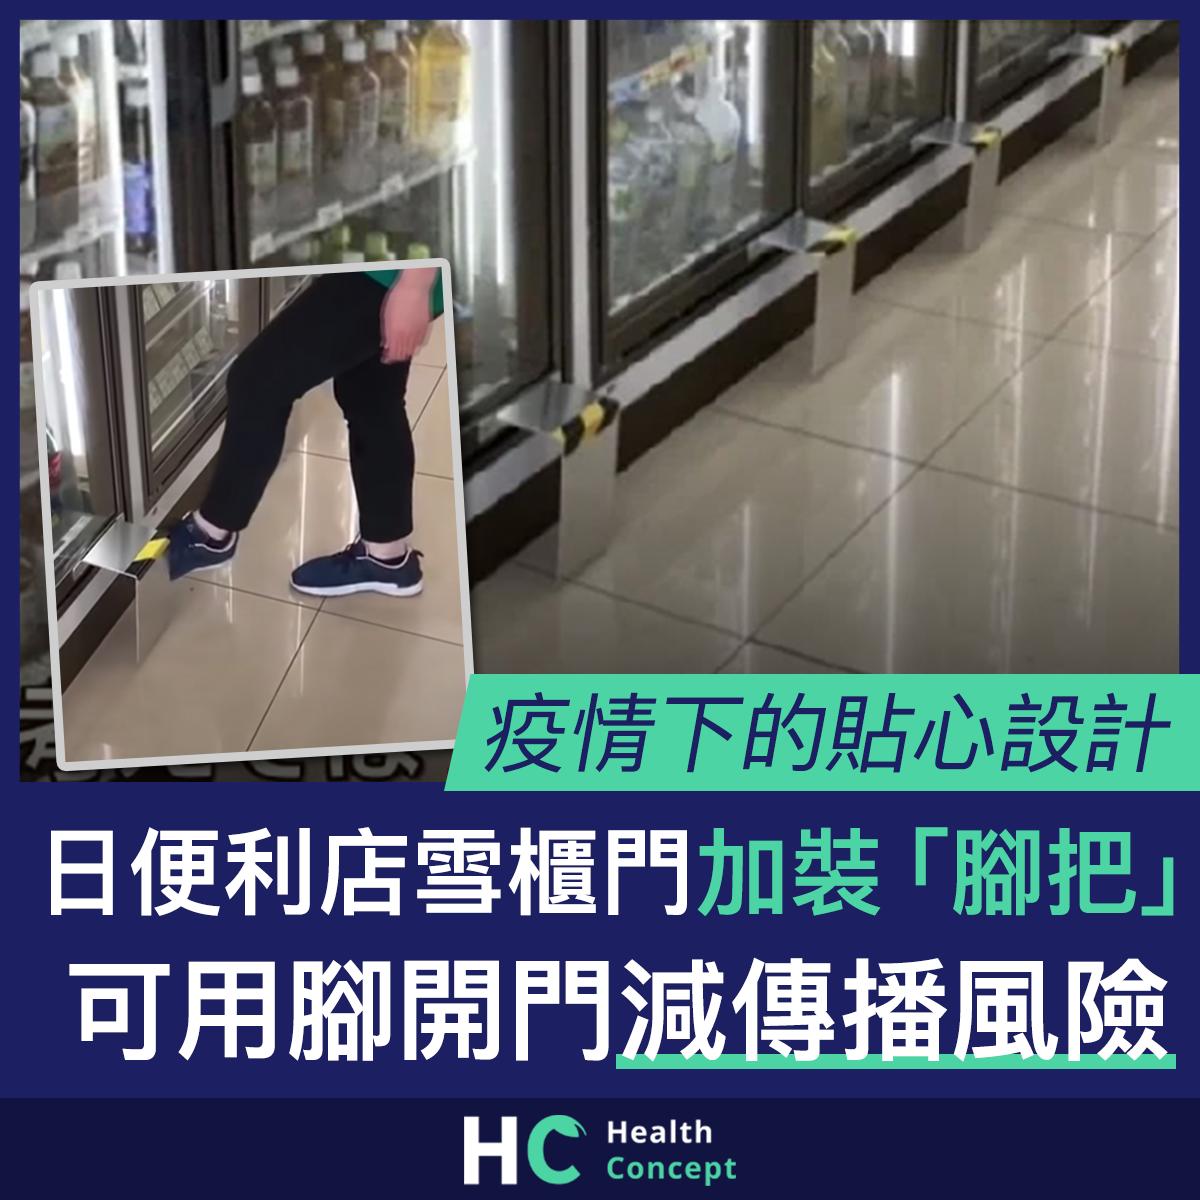 【#武漢肺炎】日便利店雪櫃門加裝「腳把」 可用腳開門減傳播風險